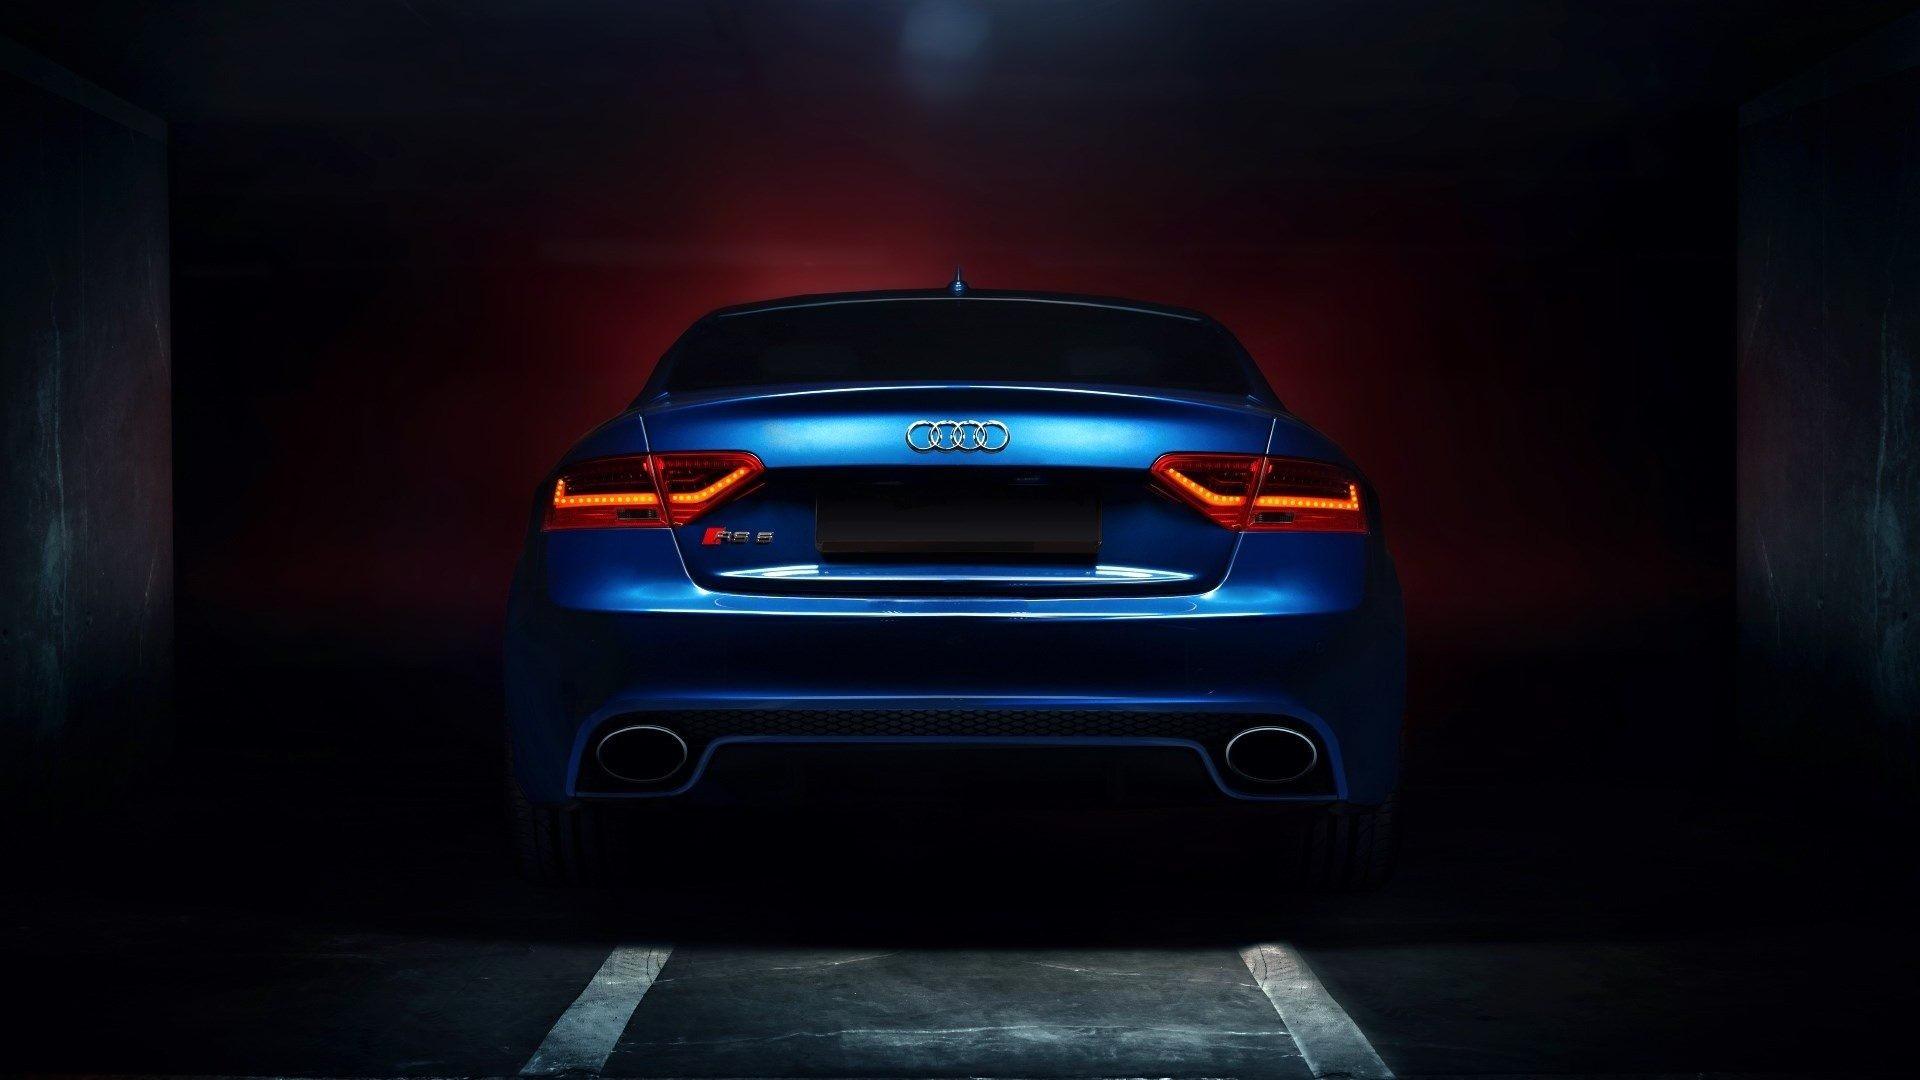 … RS5 Audi Car Wallpaper For Desktop amp Mobile Free Download